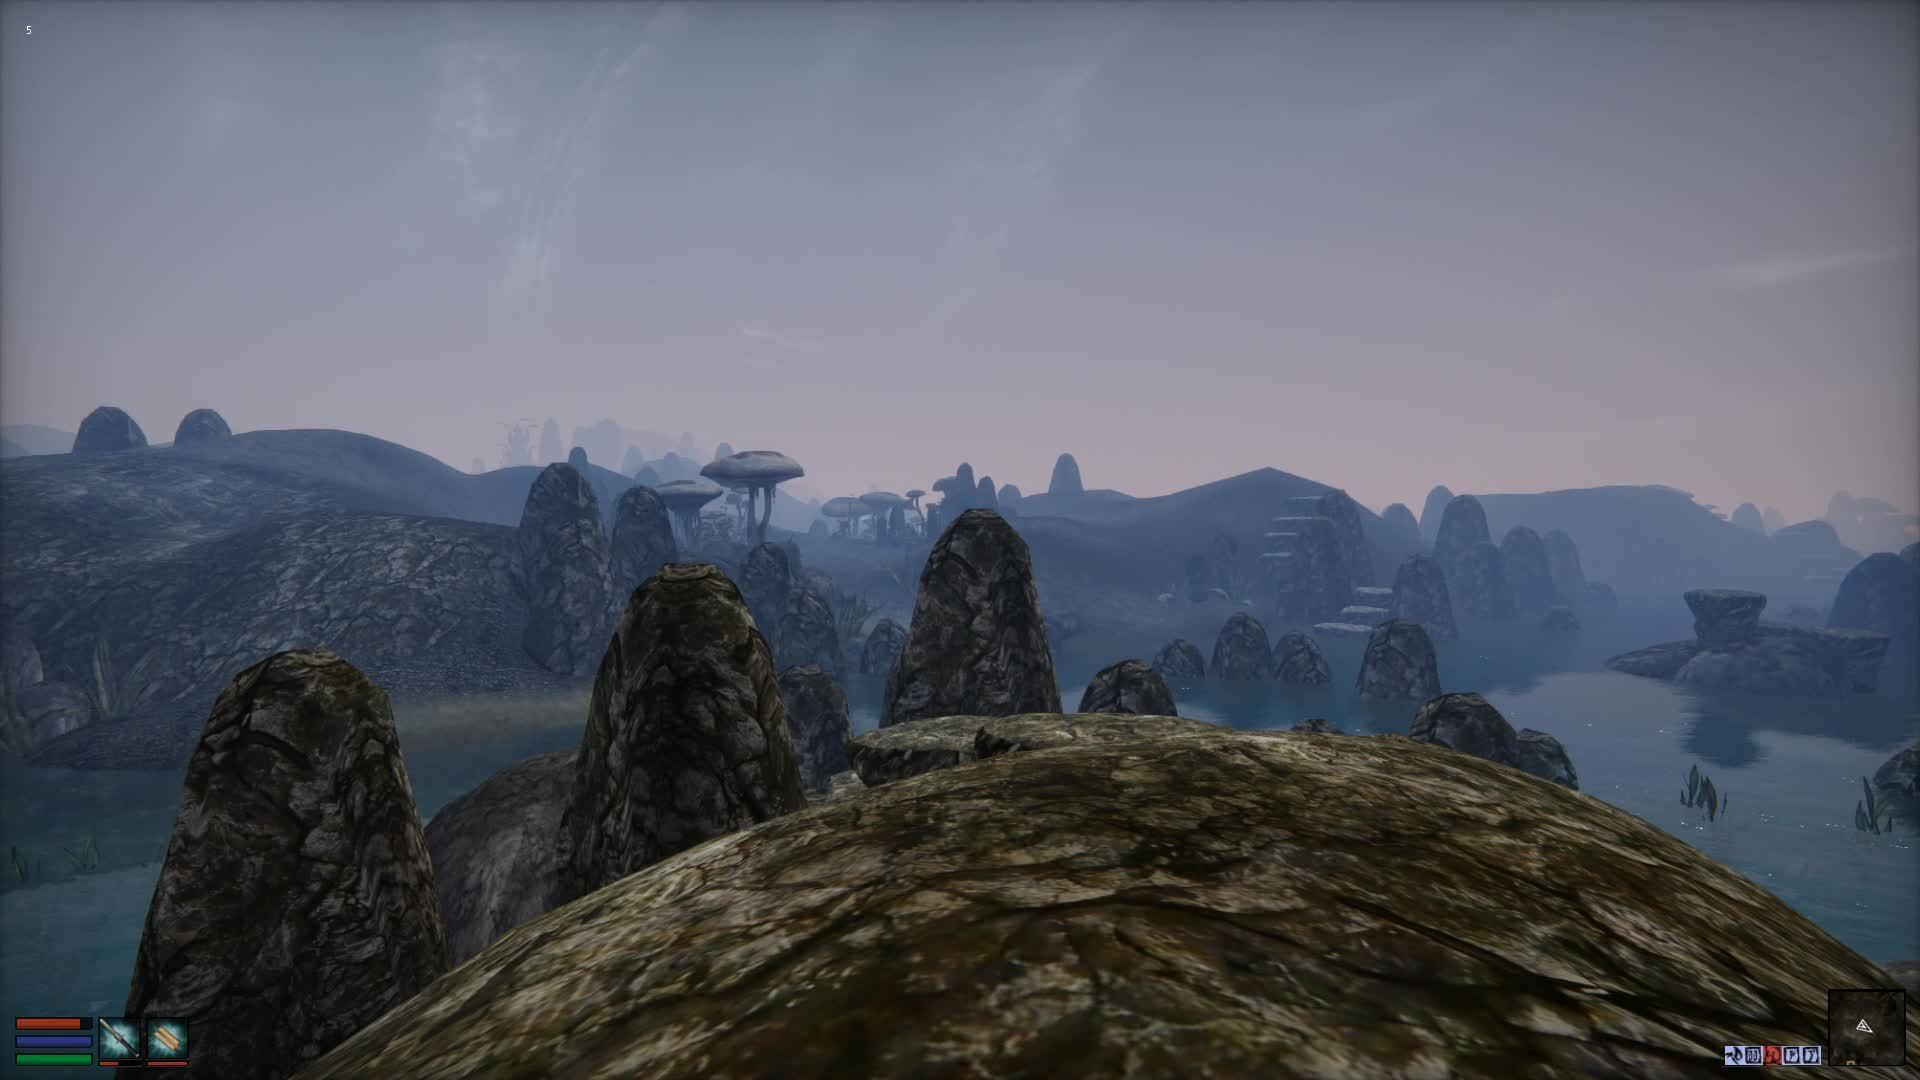 elderscrolls3morrowind, Elder Scrolls 3 Morrowind 2018.09.04 - 15.22.40.28 GIFs